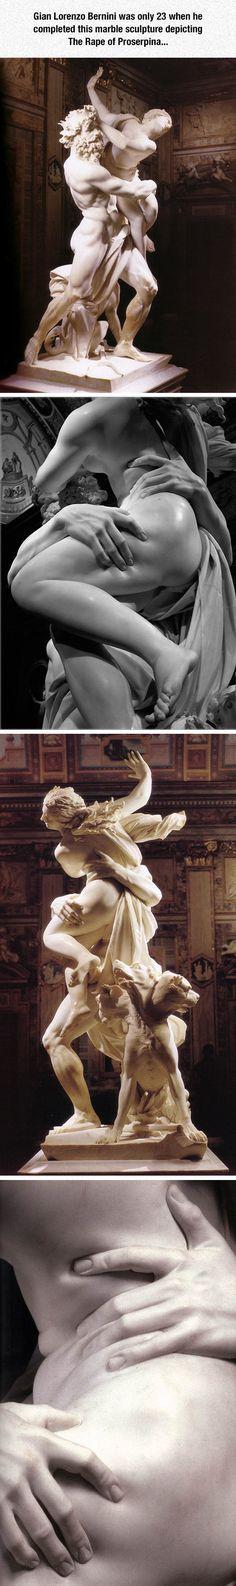 Fotos que realmente no le hace justicia, Gian Lorenzo Bernini sólo el siglo 23 fue cuando él terminó su escultura de mármol que representa a La violación de Proserpina ...sin palabras